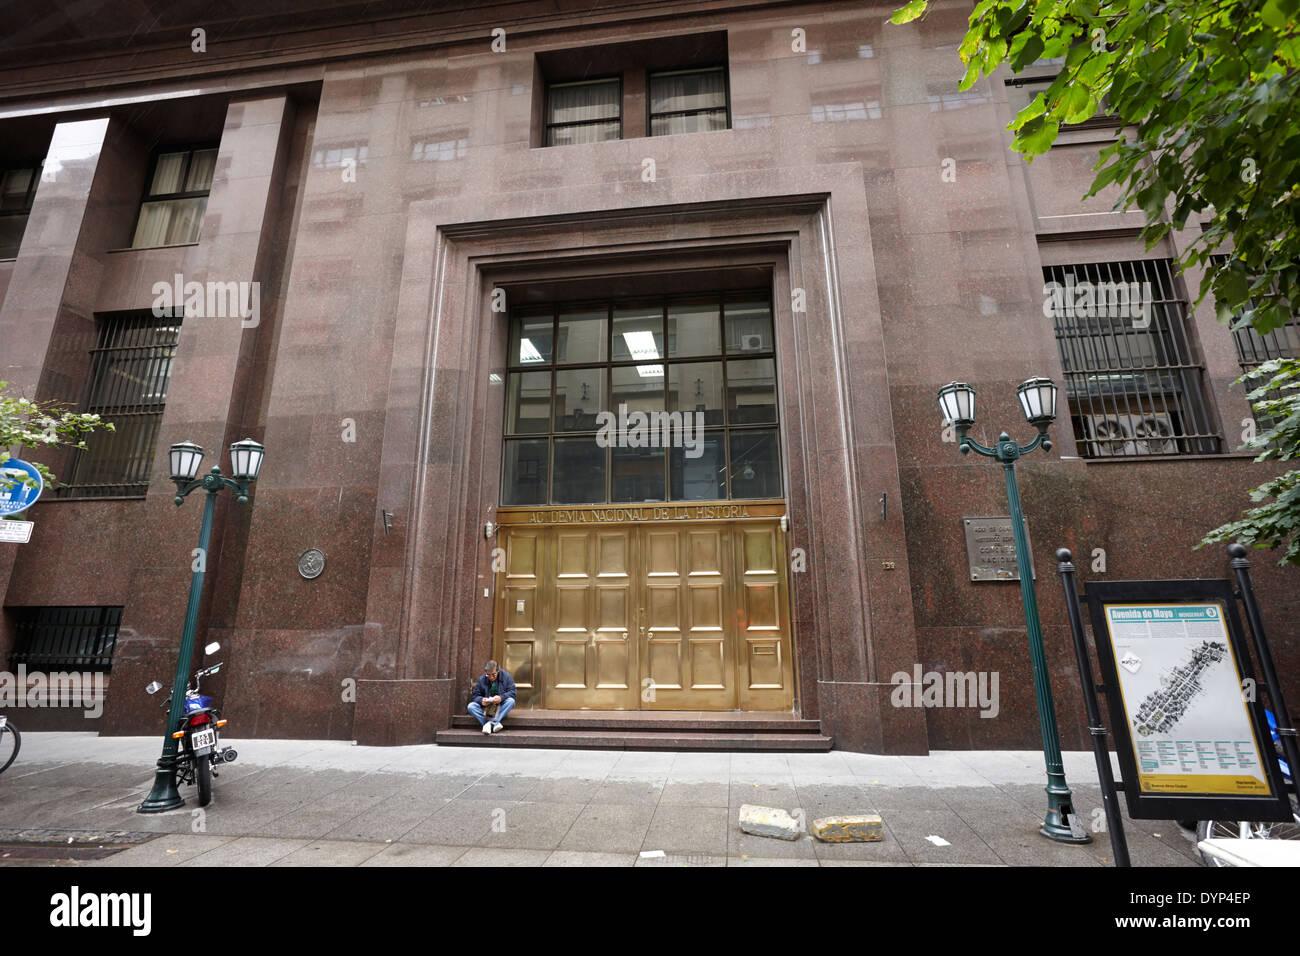 academia nacional de la historia Buenos Aires Argentina - Stock Image